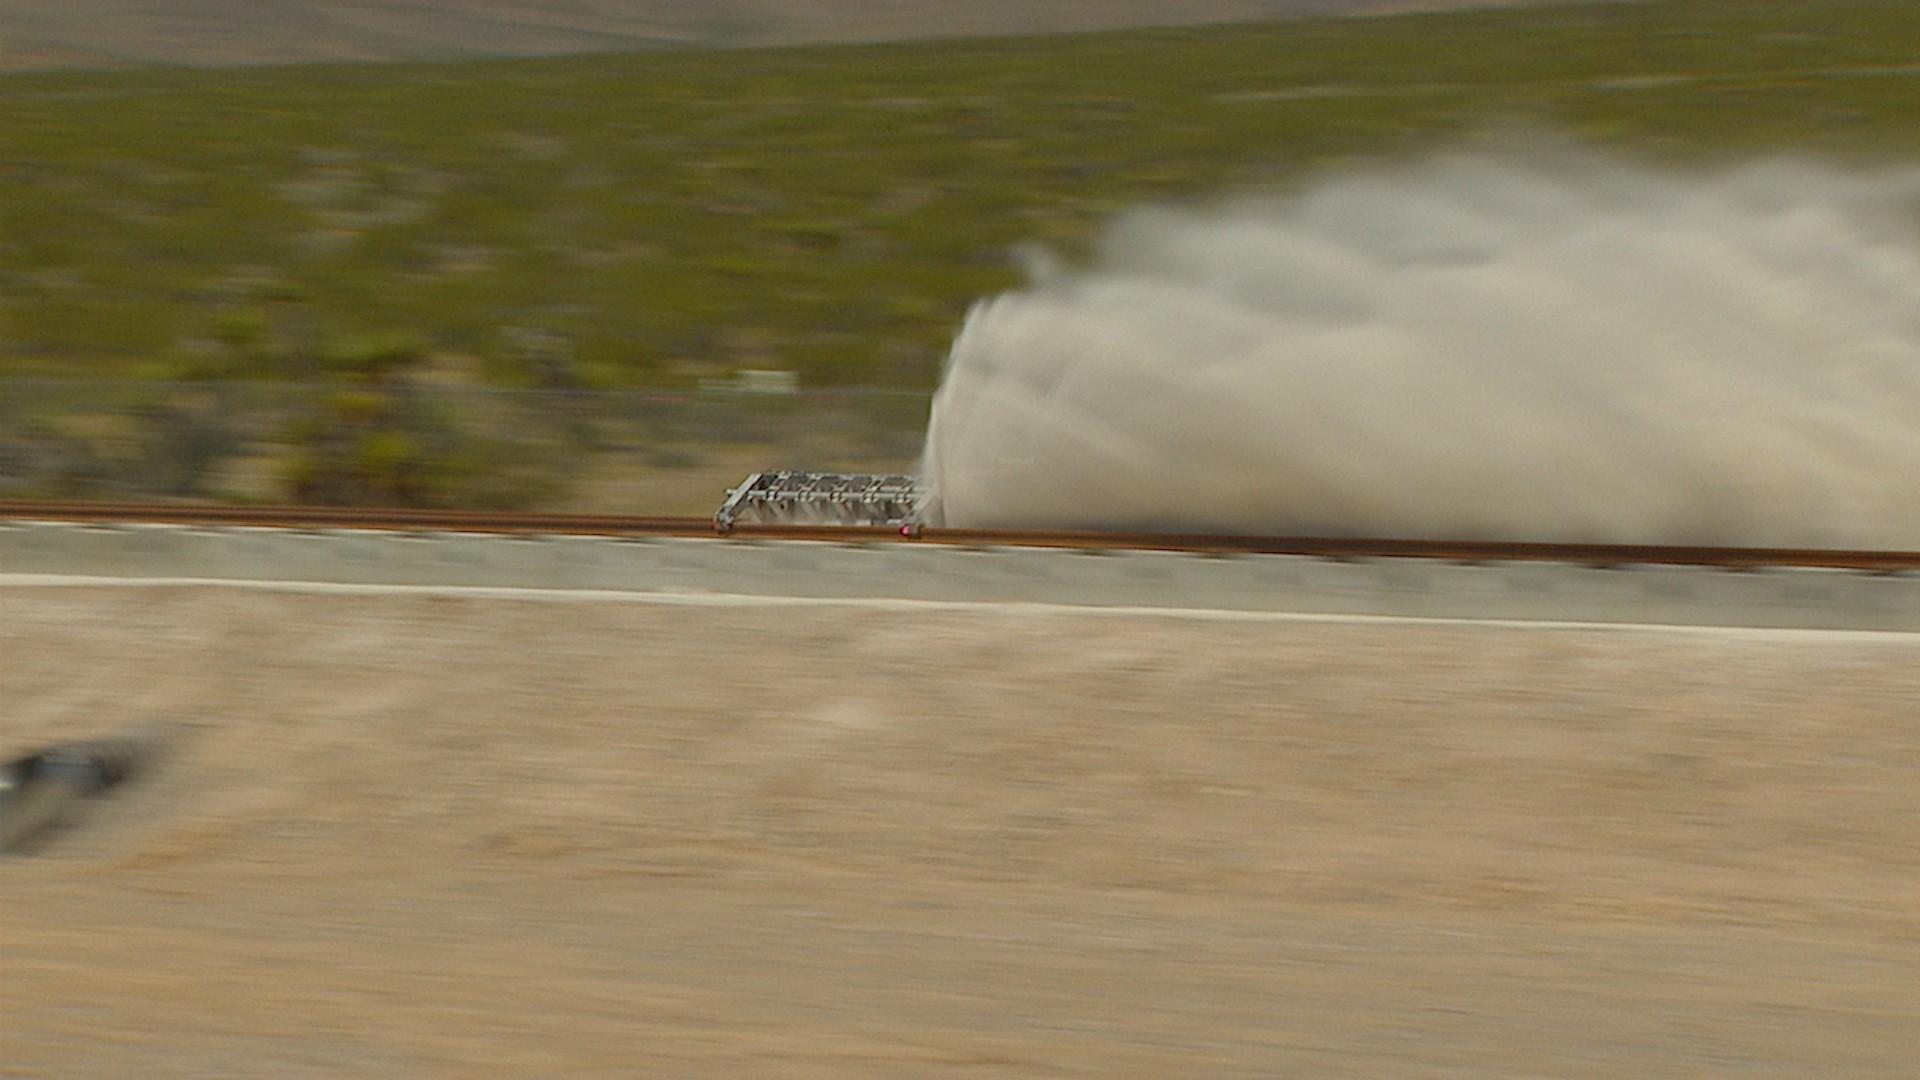 РЖД создала рабочую группу для запуска сверхскоростного поезда Hyperloop - 1